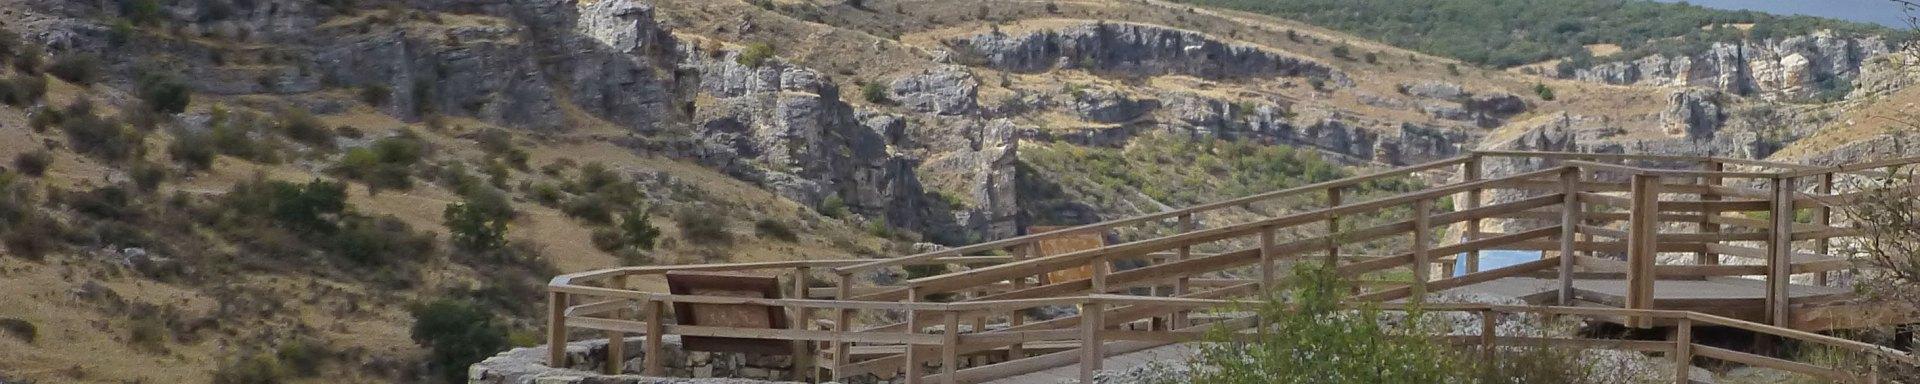 Guía turística con toda la información para visitar el Parque Natural del Barranco del Río Dulce